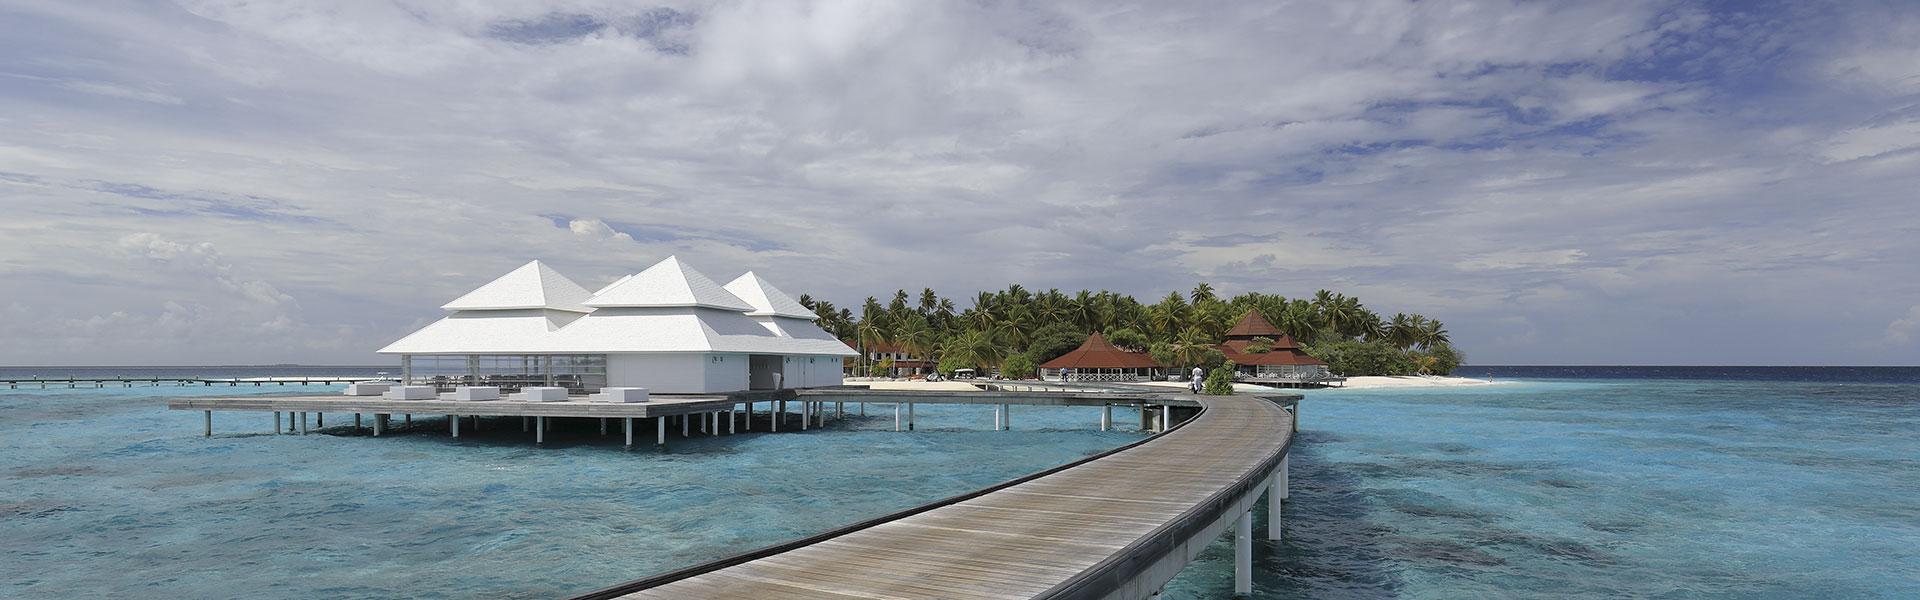 Maldive, iGVClub Velavaru